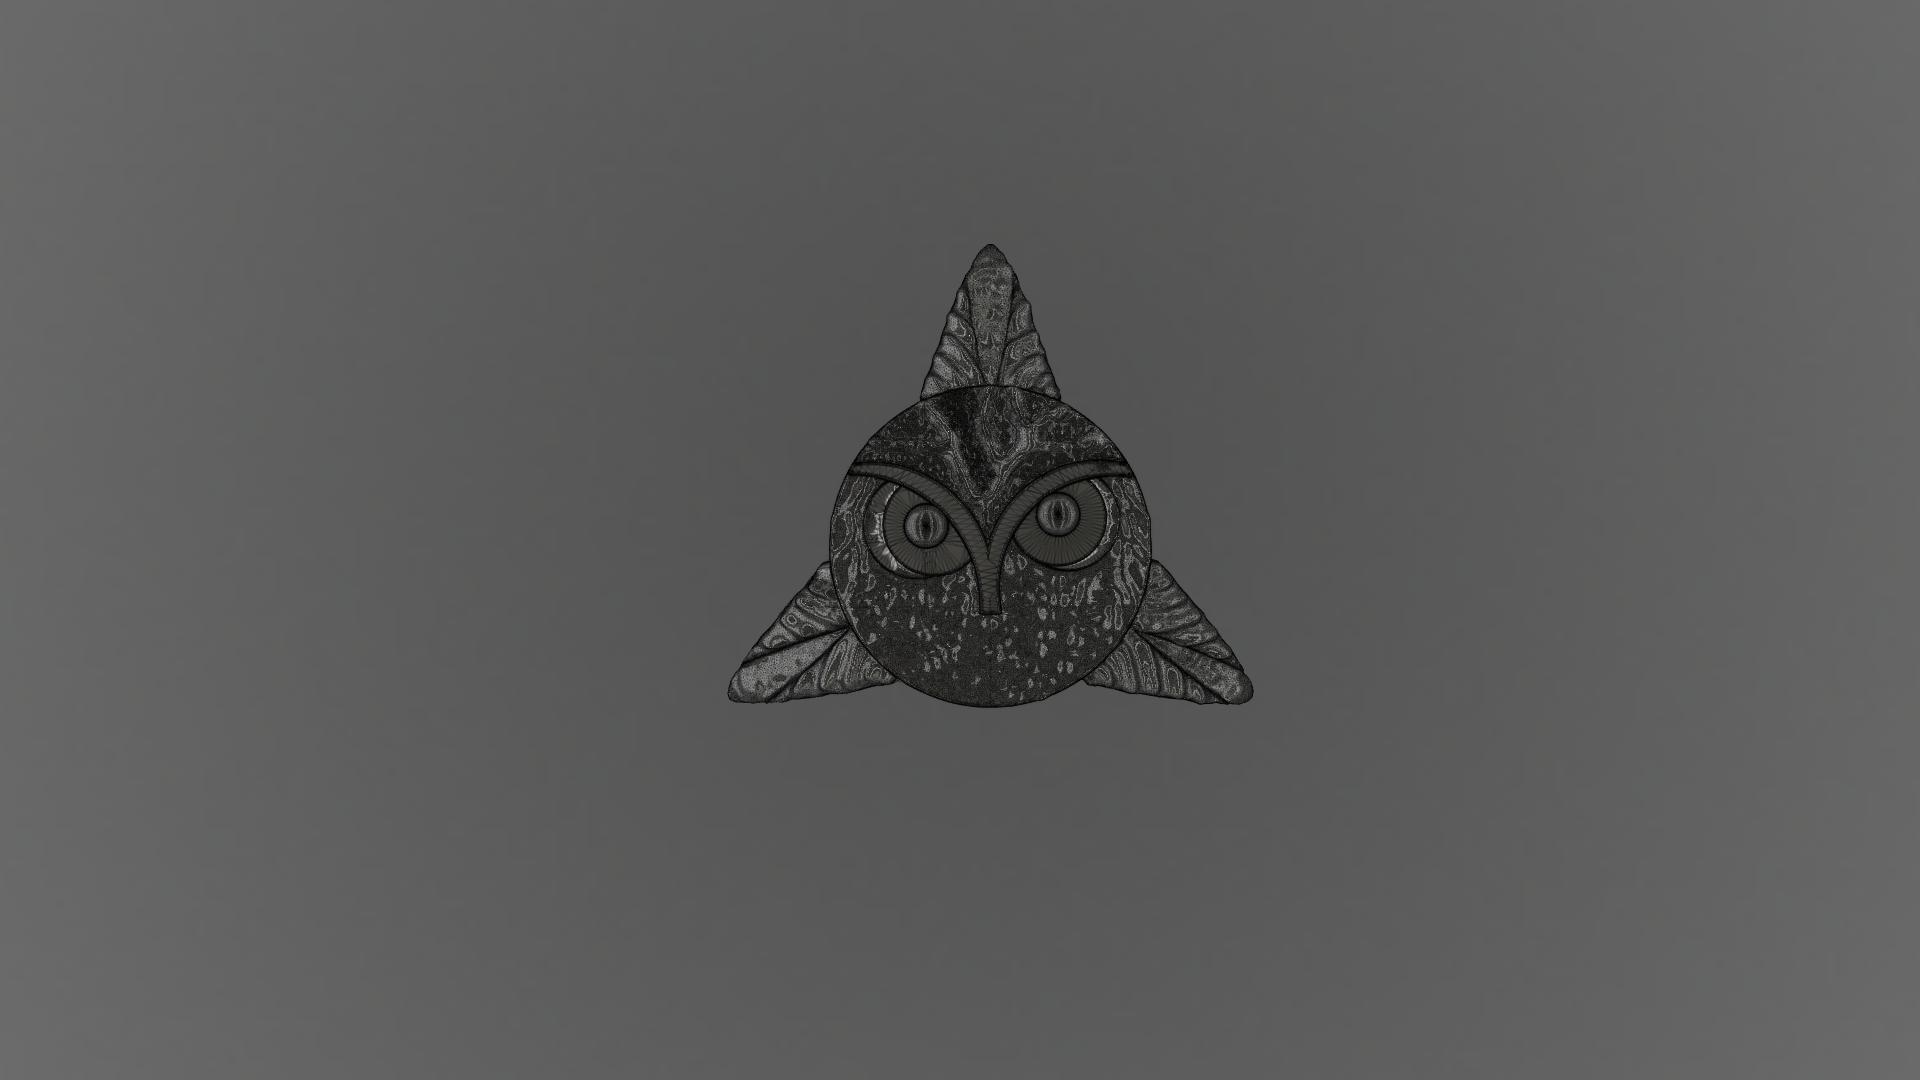 Harry Potter Egg v3.png Télécharger fichier OBJ gratuit Modèle d'impression 3D de Harry Potter et la Coupe de feu (Oeuf) • Objet à imprimer en 3D, quaddalone